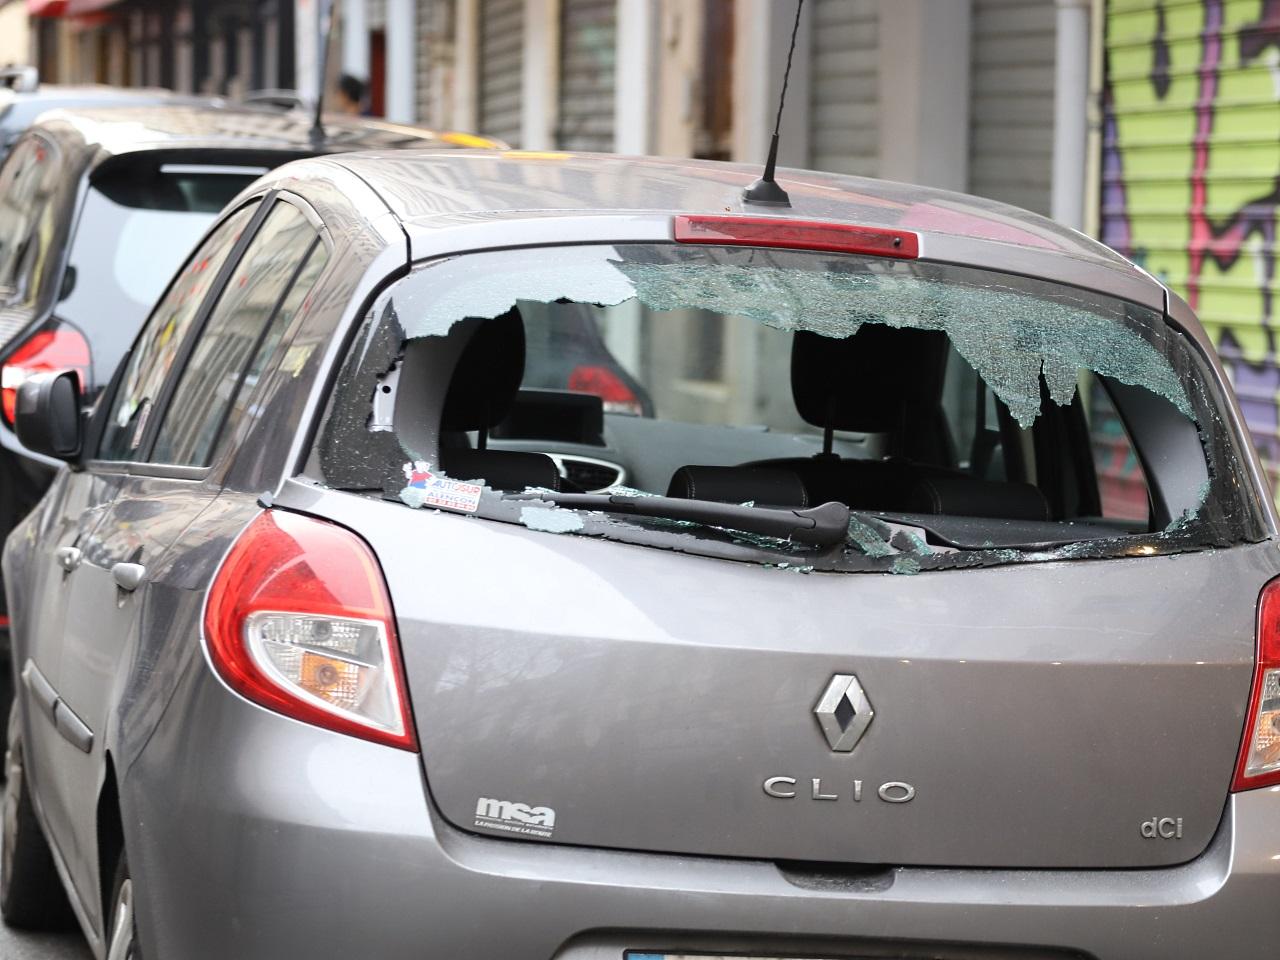 Lyon : une famille agressée par un groupe d'individus cagoulés